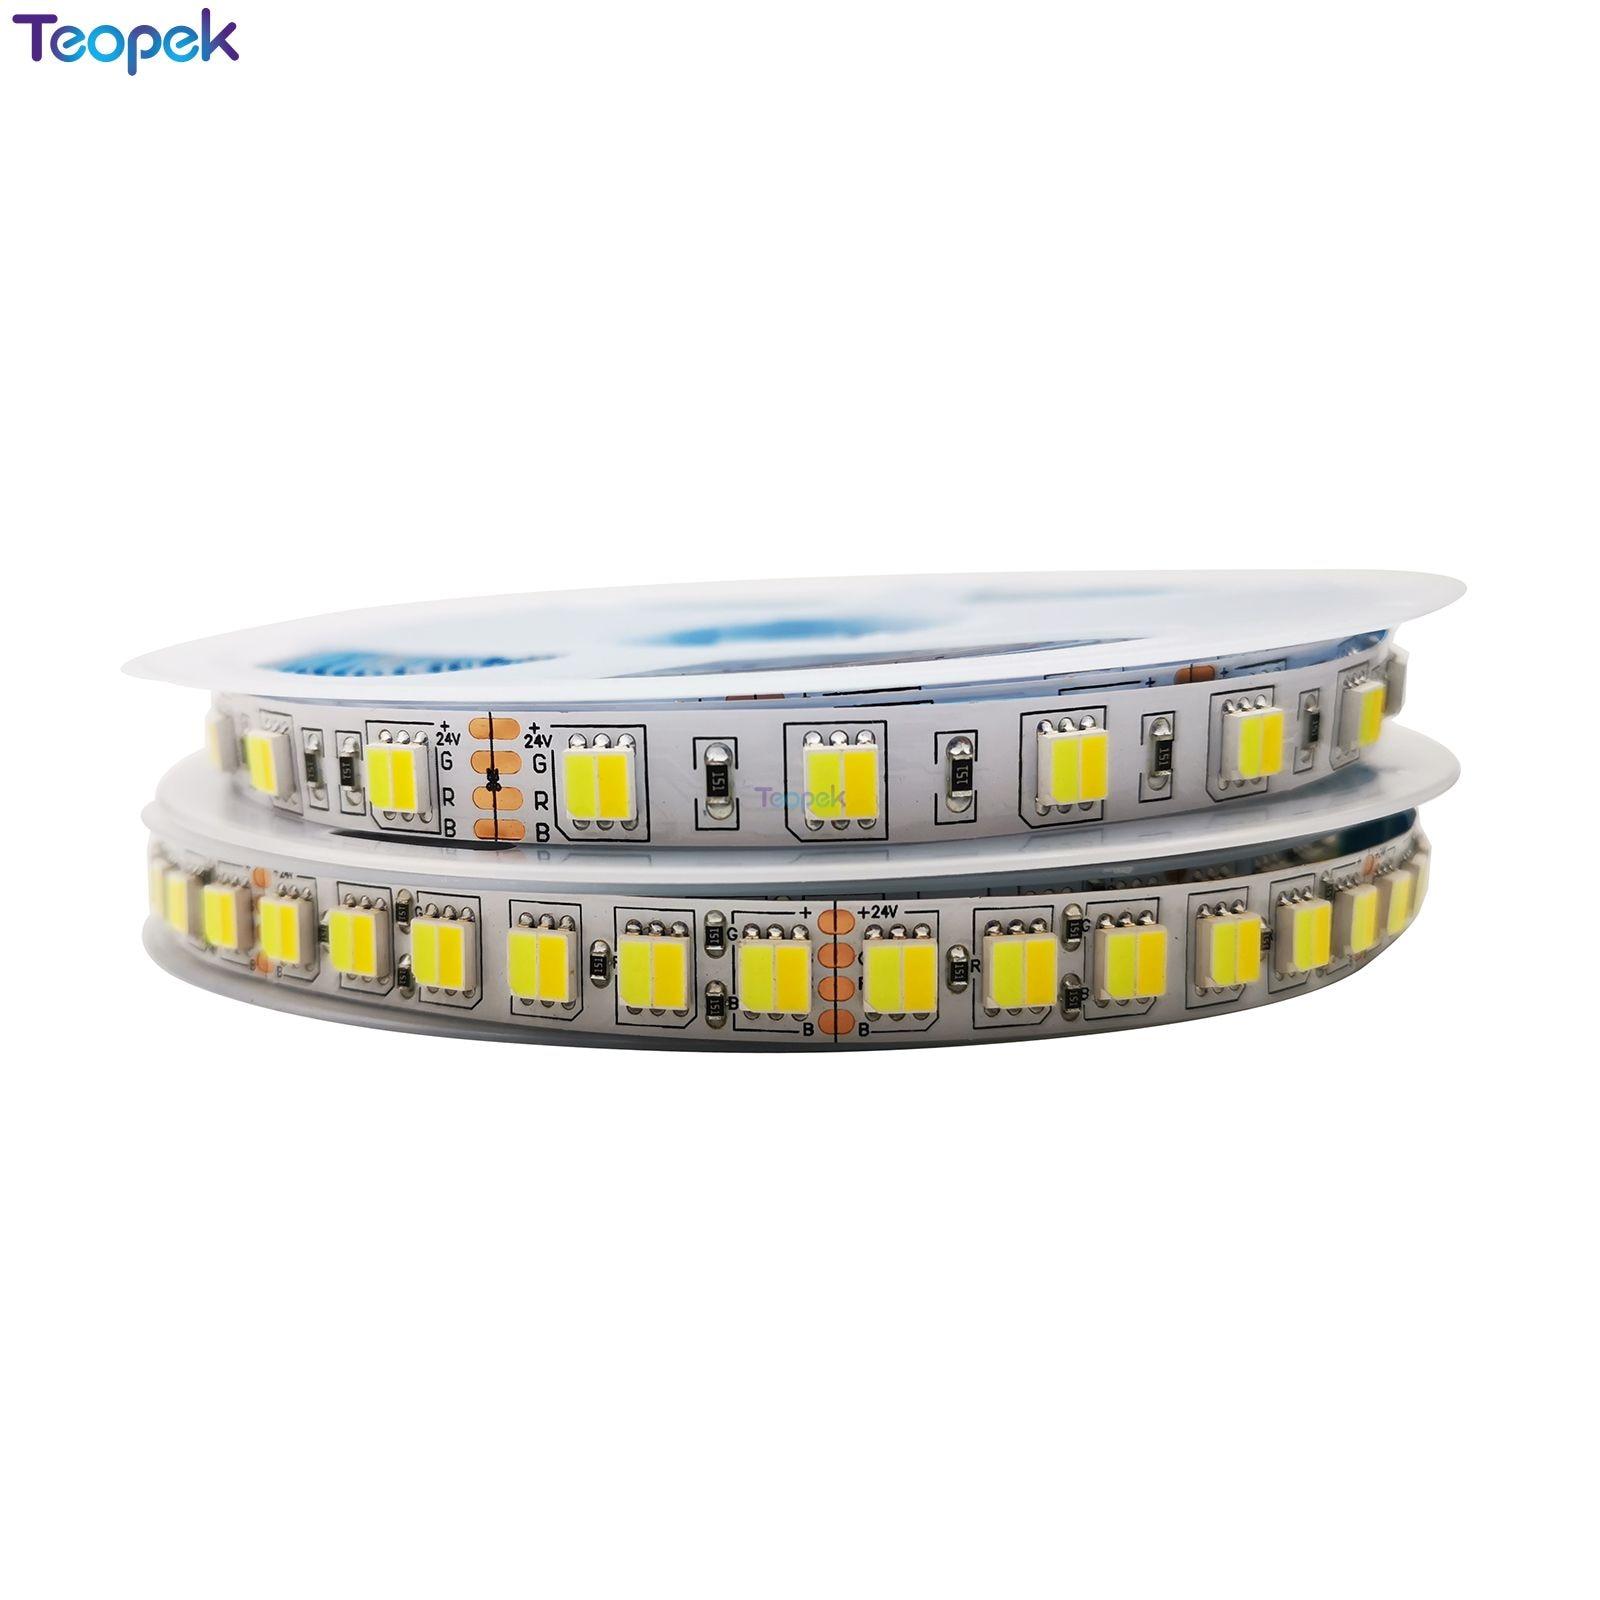 5050 5025 CCT LED Strip 60 Or 120 leds  m Dual White Warm White  amp  White 2 in 1 Chip Led Tape  Color Tem Ajustable DC12v 24V